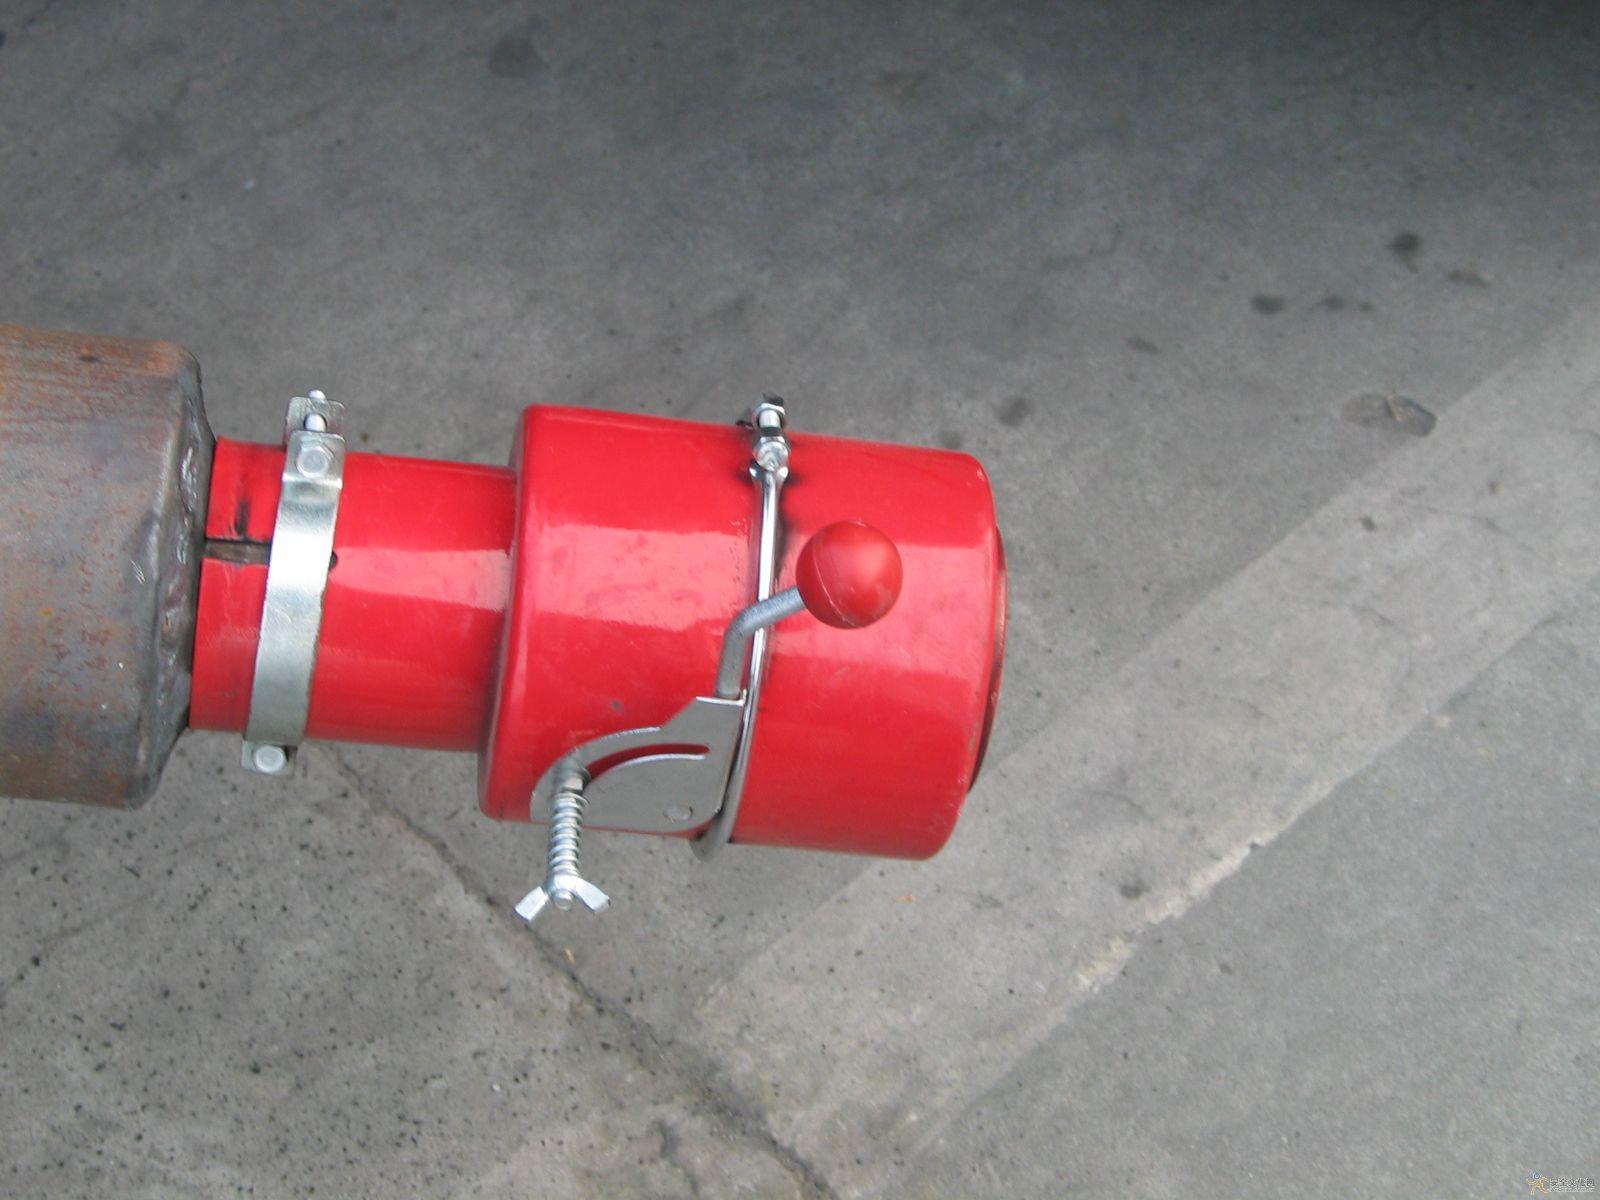 汽车防火帽 (又名汽车防火罩,机动车排气火花熄灭器,汽车排气管防火罩